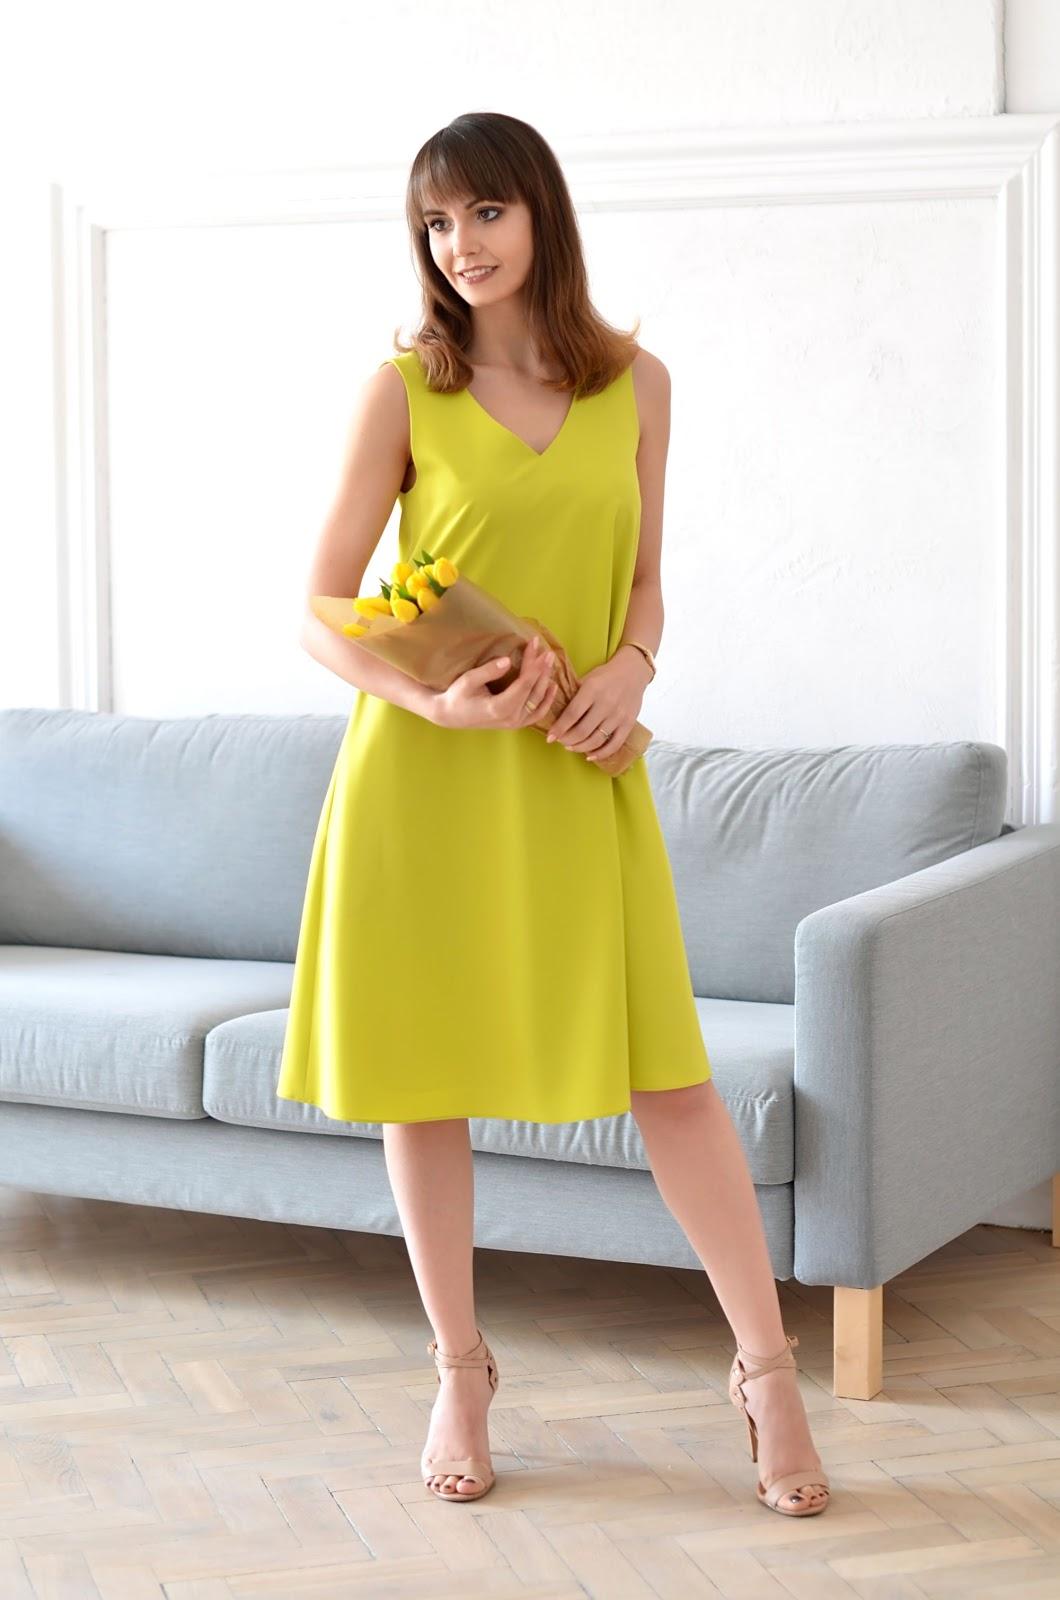 blog o modzie | blogerka modowa | blogi modowe | sukienka na komunie | sukienki na wesele | modne sukienki | lato 2016